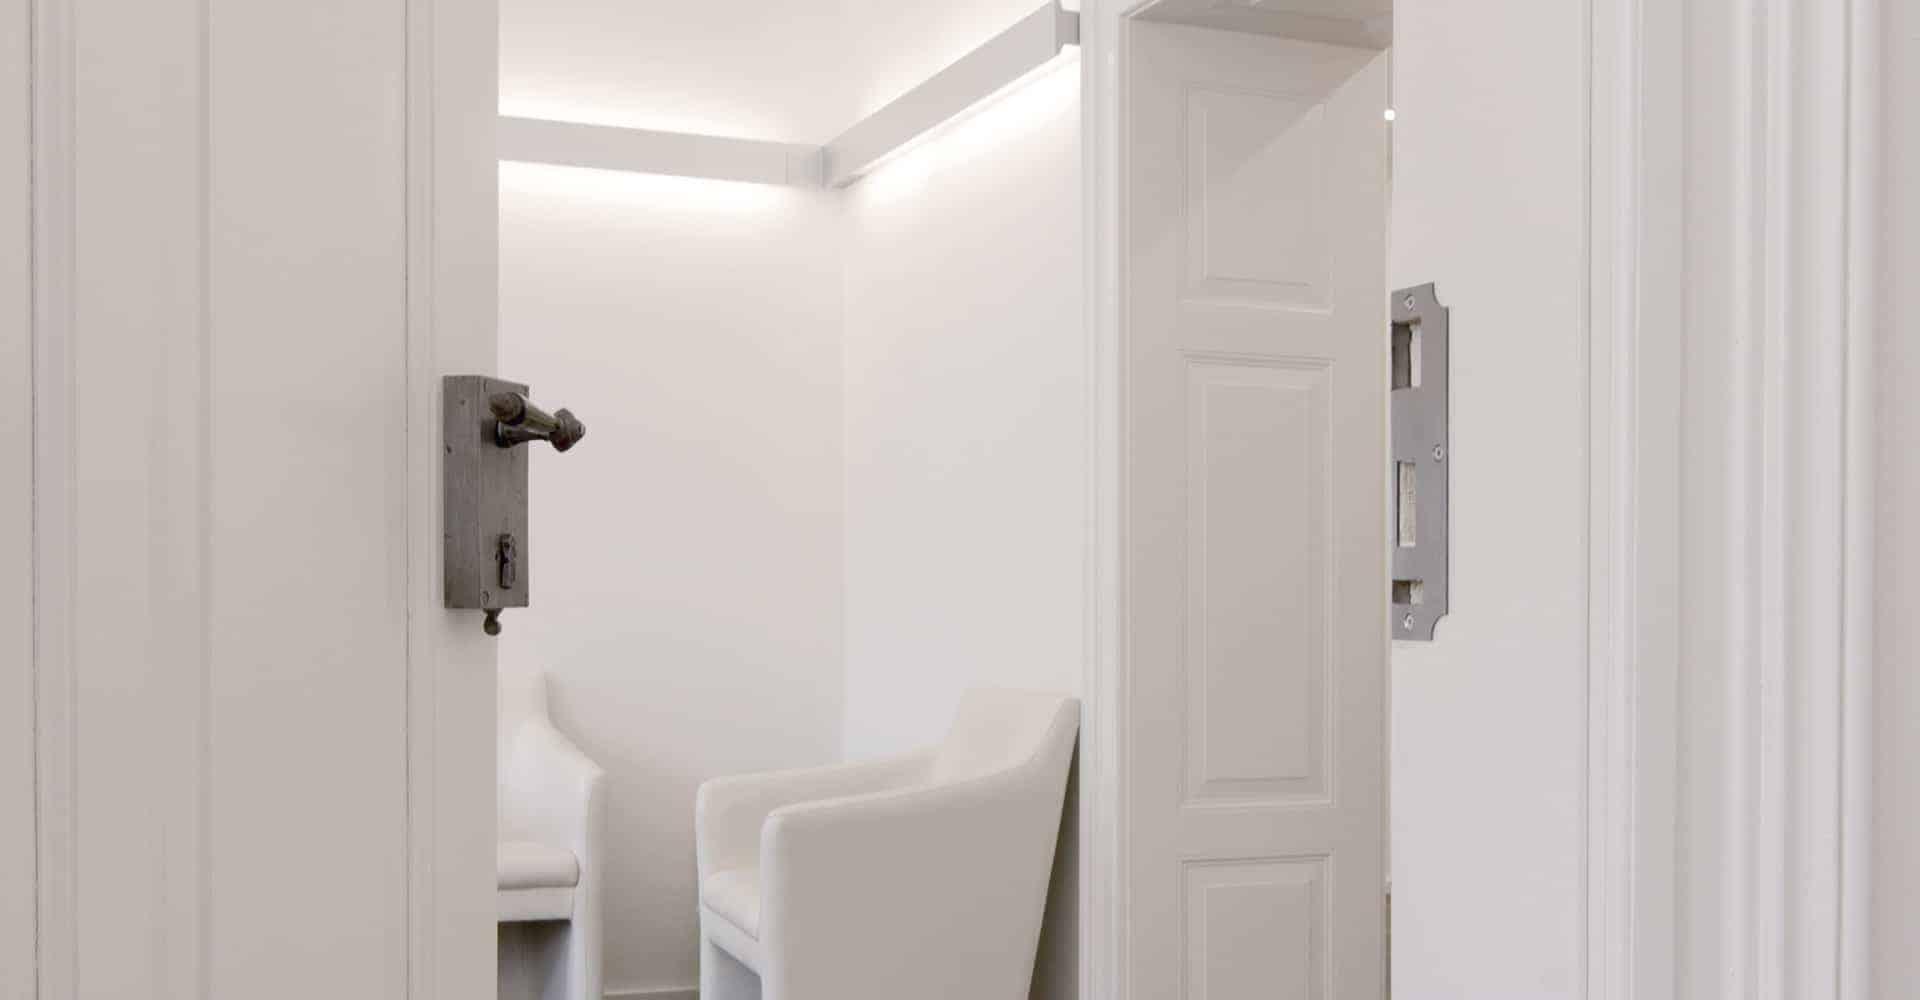 ZAHNARZTPRAXIS DR. JAHN HEIDENAU | Die komplette Immobilie in Heidenau musste nach dem Erwerb vollständig renoviert werden. Die Planung des Eigentümers sah vor, seine Zahnarztpraxis im Erdgeschoss zu platzieren und die oberen Stockwerke als Wohnungen auszubauen.